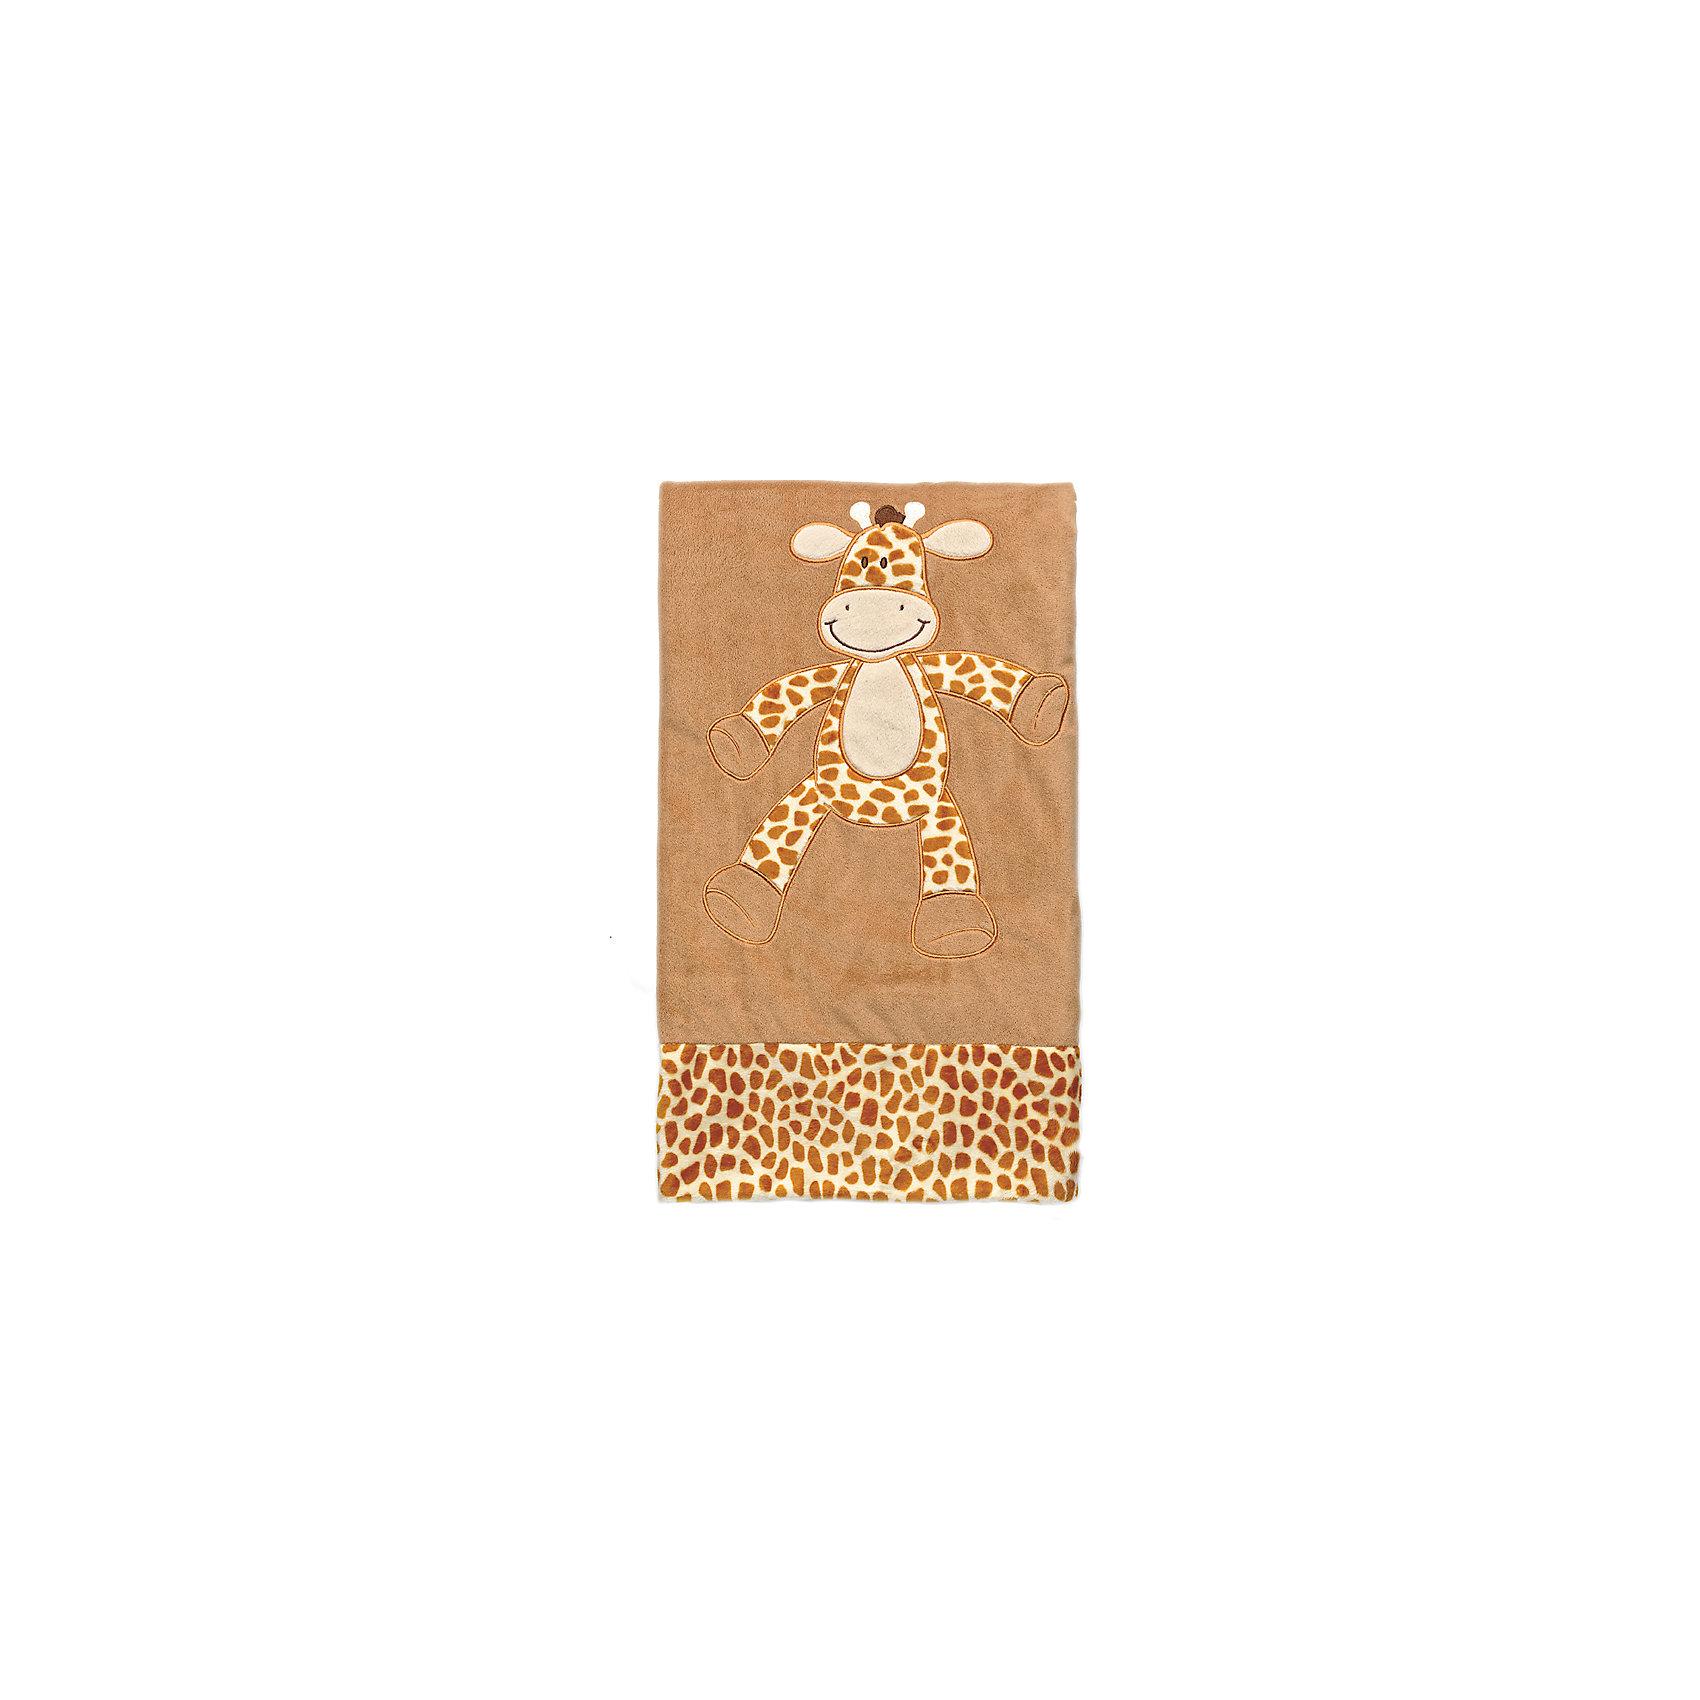 Плед велюр 80х80 Жираф , Динглисар, TeddykompanietИдеи подарков<br>Плед велюр 80х80 Жираф , Динглисар, Teddykompaniet (Тэдди и компания) - этот нежный и теплый плед согреет вашего малыша вместо одеяла.<br>Необычайно мягкий и приятный на ощупь плед с изображением веселого жирафа имеет массу достоинств: хорошо согревает, легко стирается, быстро сохнет и красиво выглядит. Он отлично впишется в интерьер детской комнаты и обязательно порадует вашего малыша. Плед можно использовать как покрывало или легкое одеяло, брать с собой в поездки, на прогулки.<br><br>Дополнительная информация:<br><br>- Размер: 80х80 см.<br>- Материал: велюр, полиэстер 100%<br><br>Плед велюр 80х80 Жираф , Динглисар, Teddykompaniet (Тэдди и компания) можно купить в нашем интернет-магазине.<br><br>Ширина мм: 100<br>Глубина мм: 200<br>Высота мм: 200<br>Вес г: 800<br>Возраст от месяцев: 0<br>Возраст до месяцев: 36<br>Пол: Унисекс<br>Возраст: Детский<br>SKU: 4902229